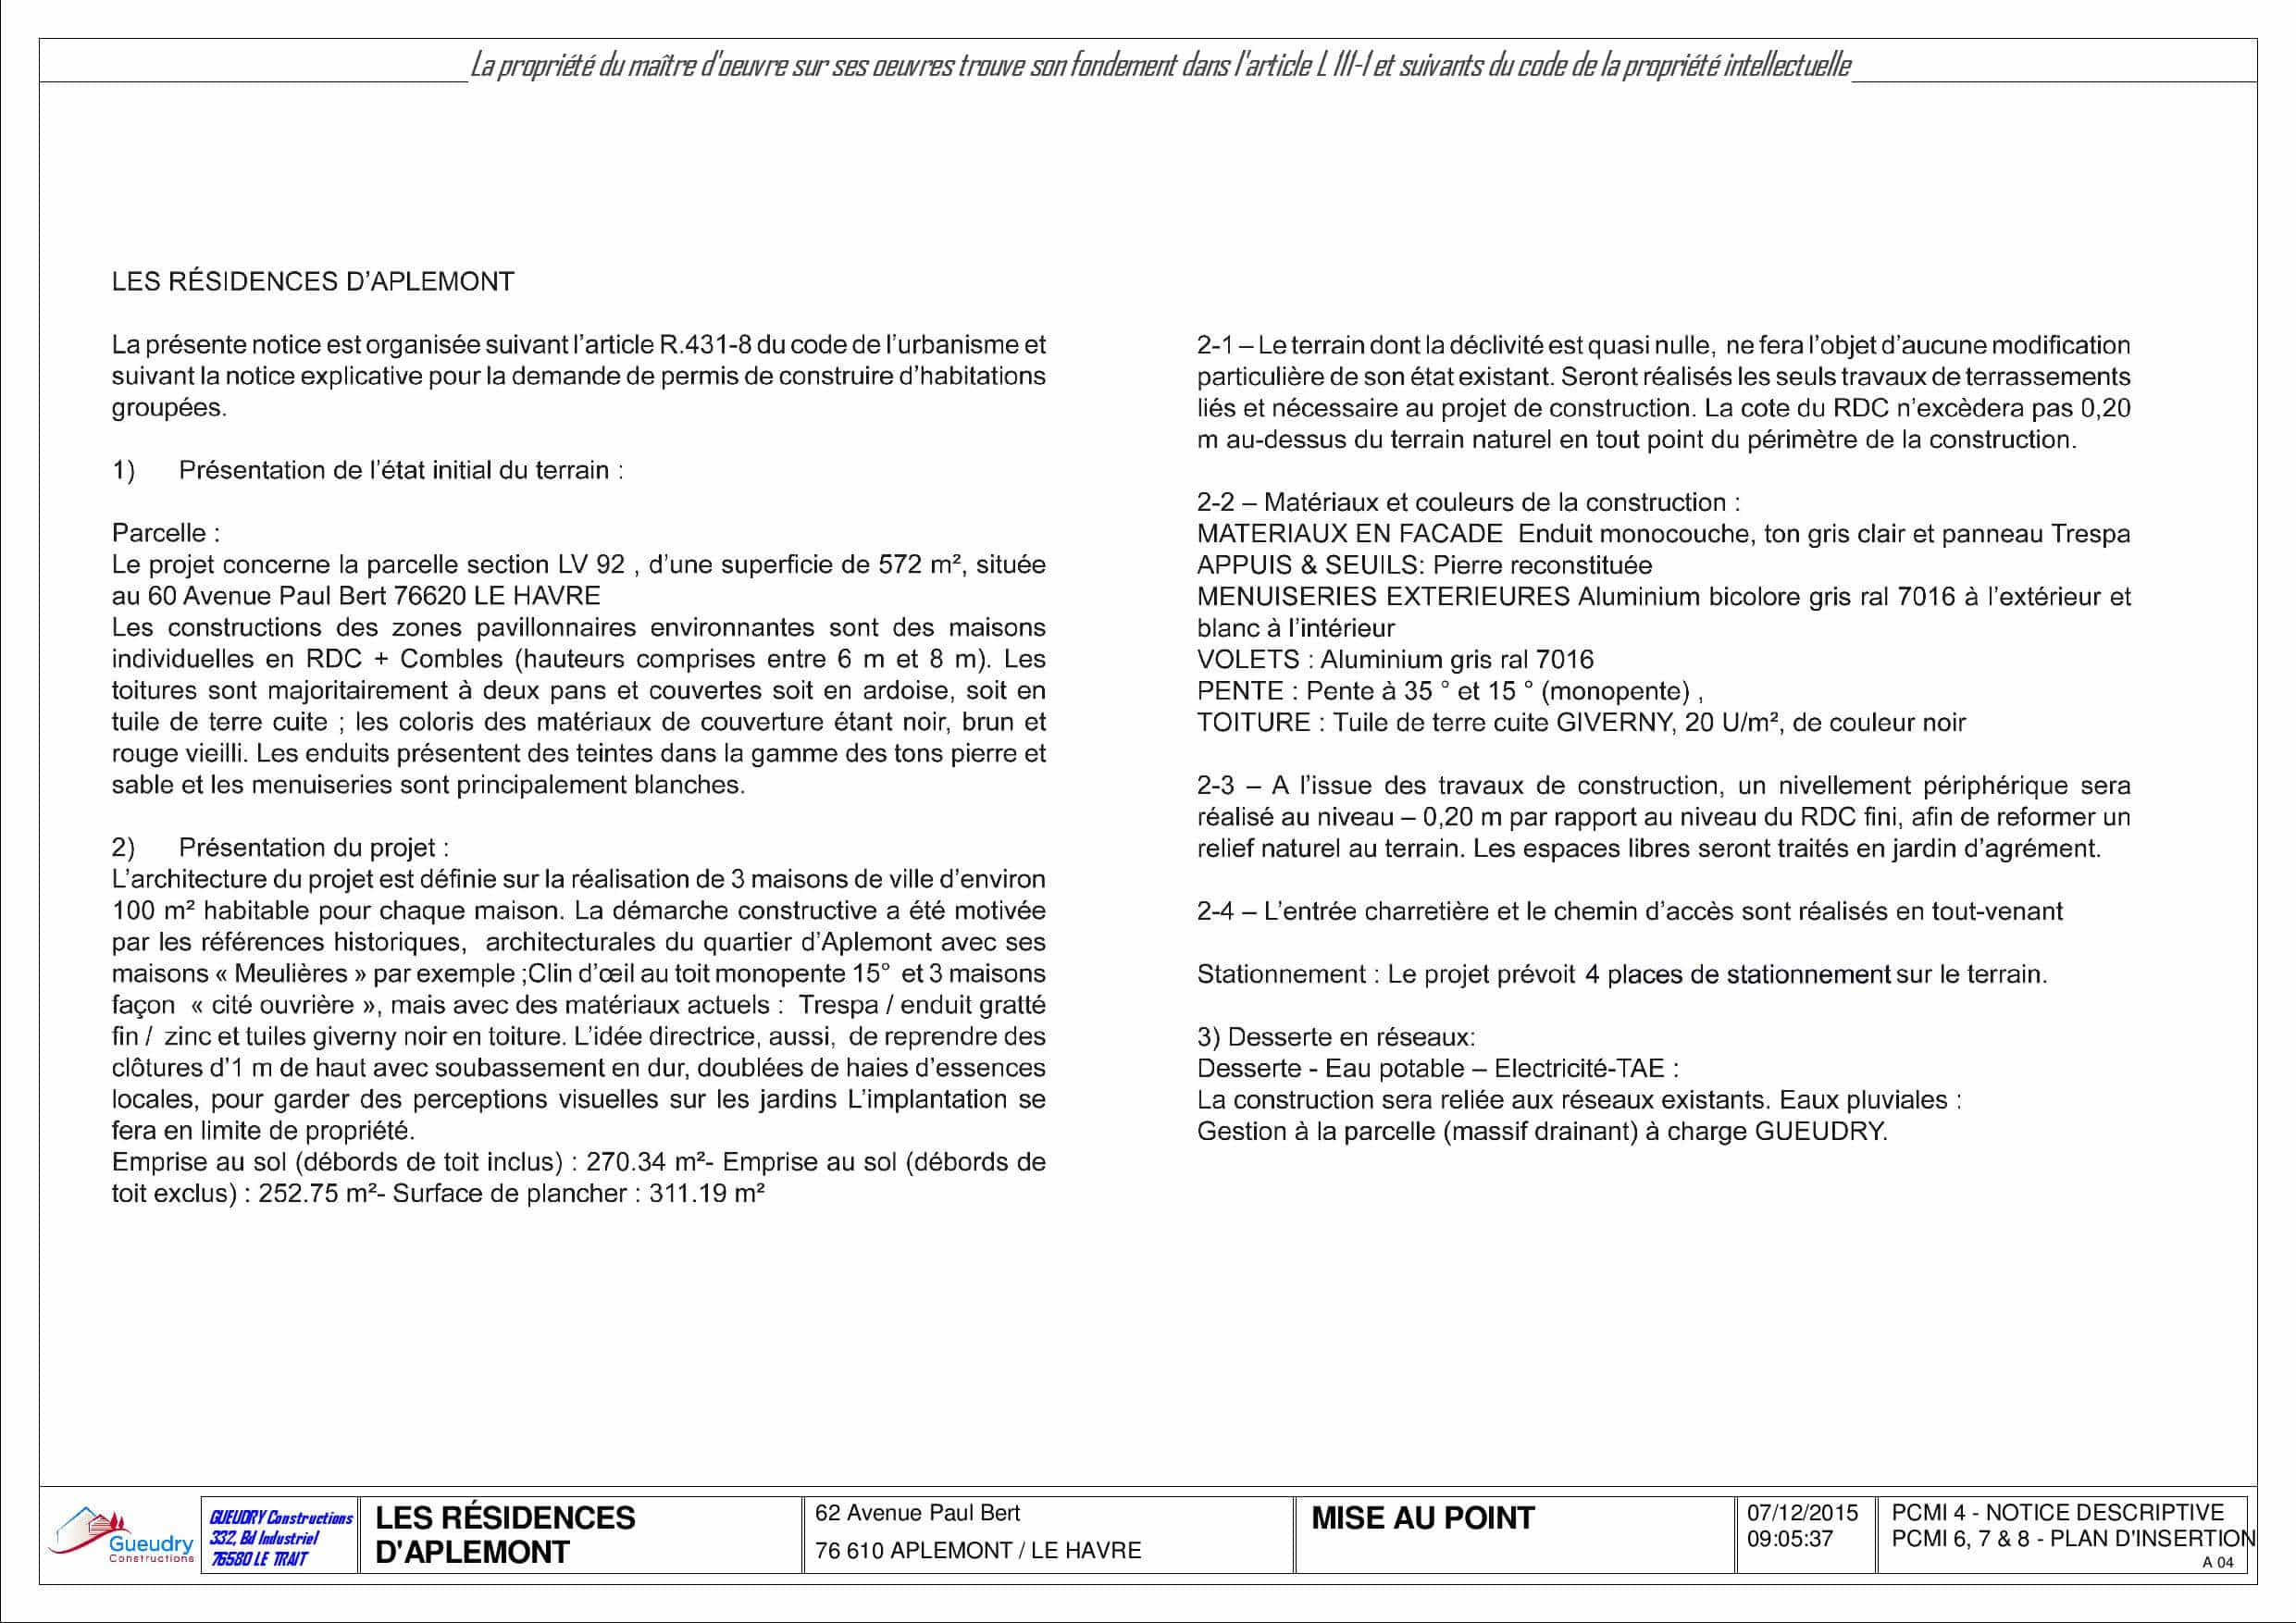 LE HAVRE_APLEMONT-MAP-07-12-2015-page-4